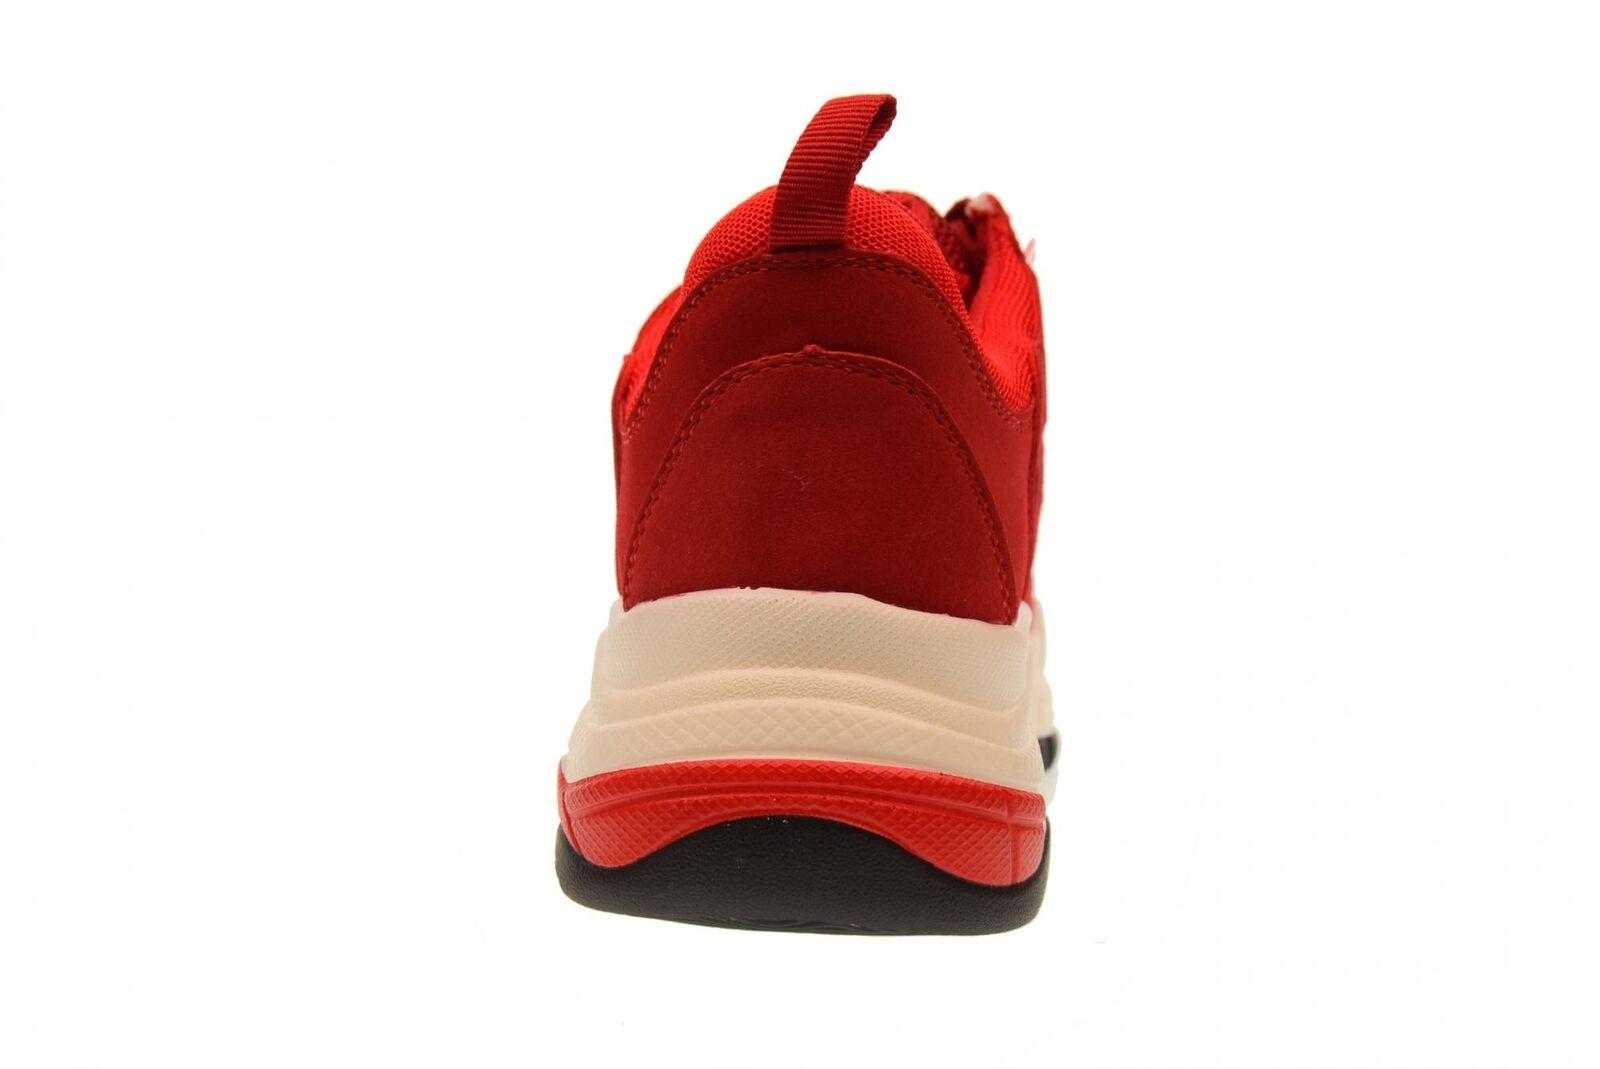 1459a0387 ... adidas SM Scorch Destroy Destroy Destroy Turf Hog Football Cleats  090f99 ...